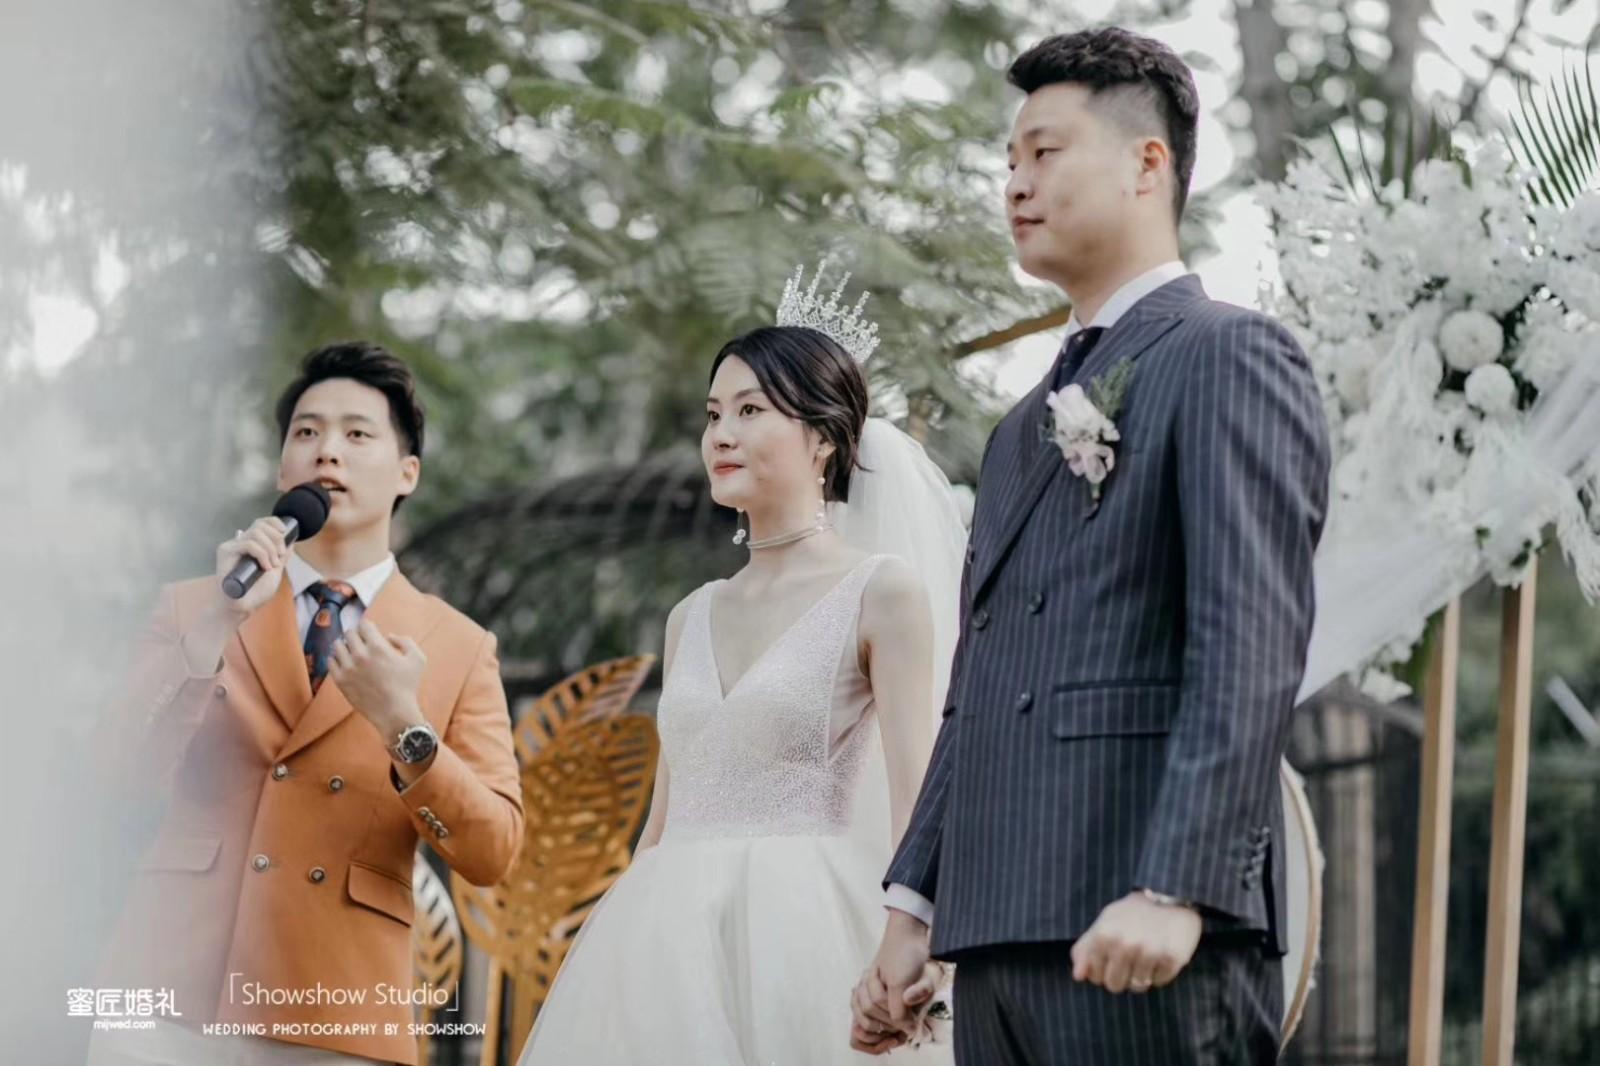 婚礼上简短的表白情话